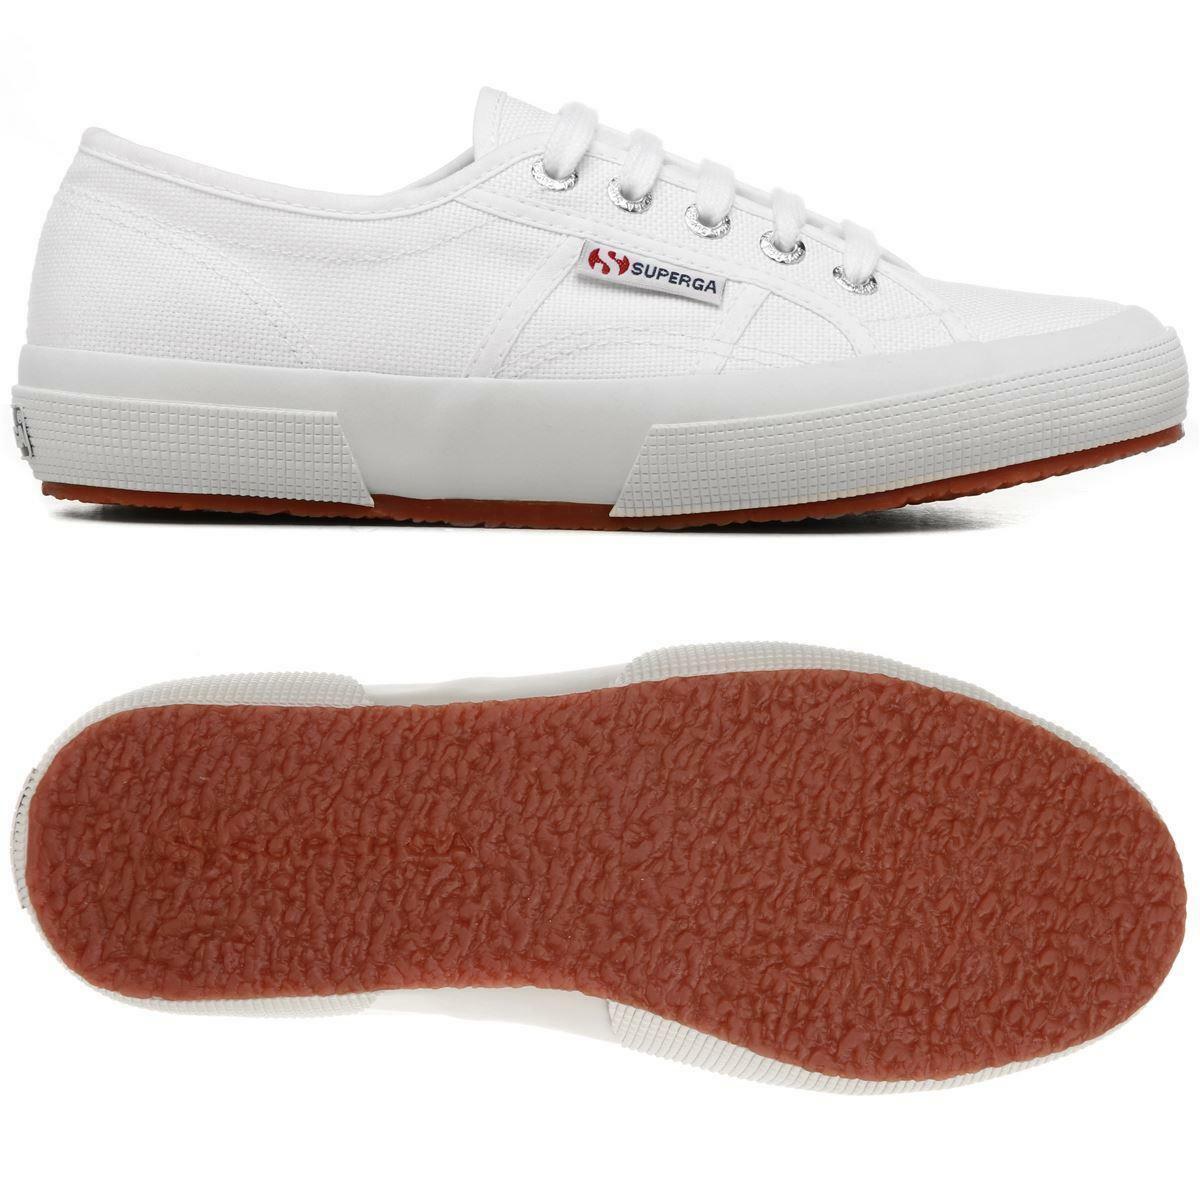 superga superga 2750 cotu classic sneakers unisex white